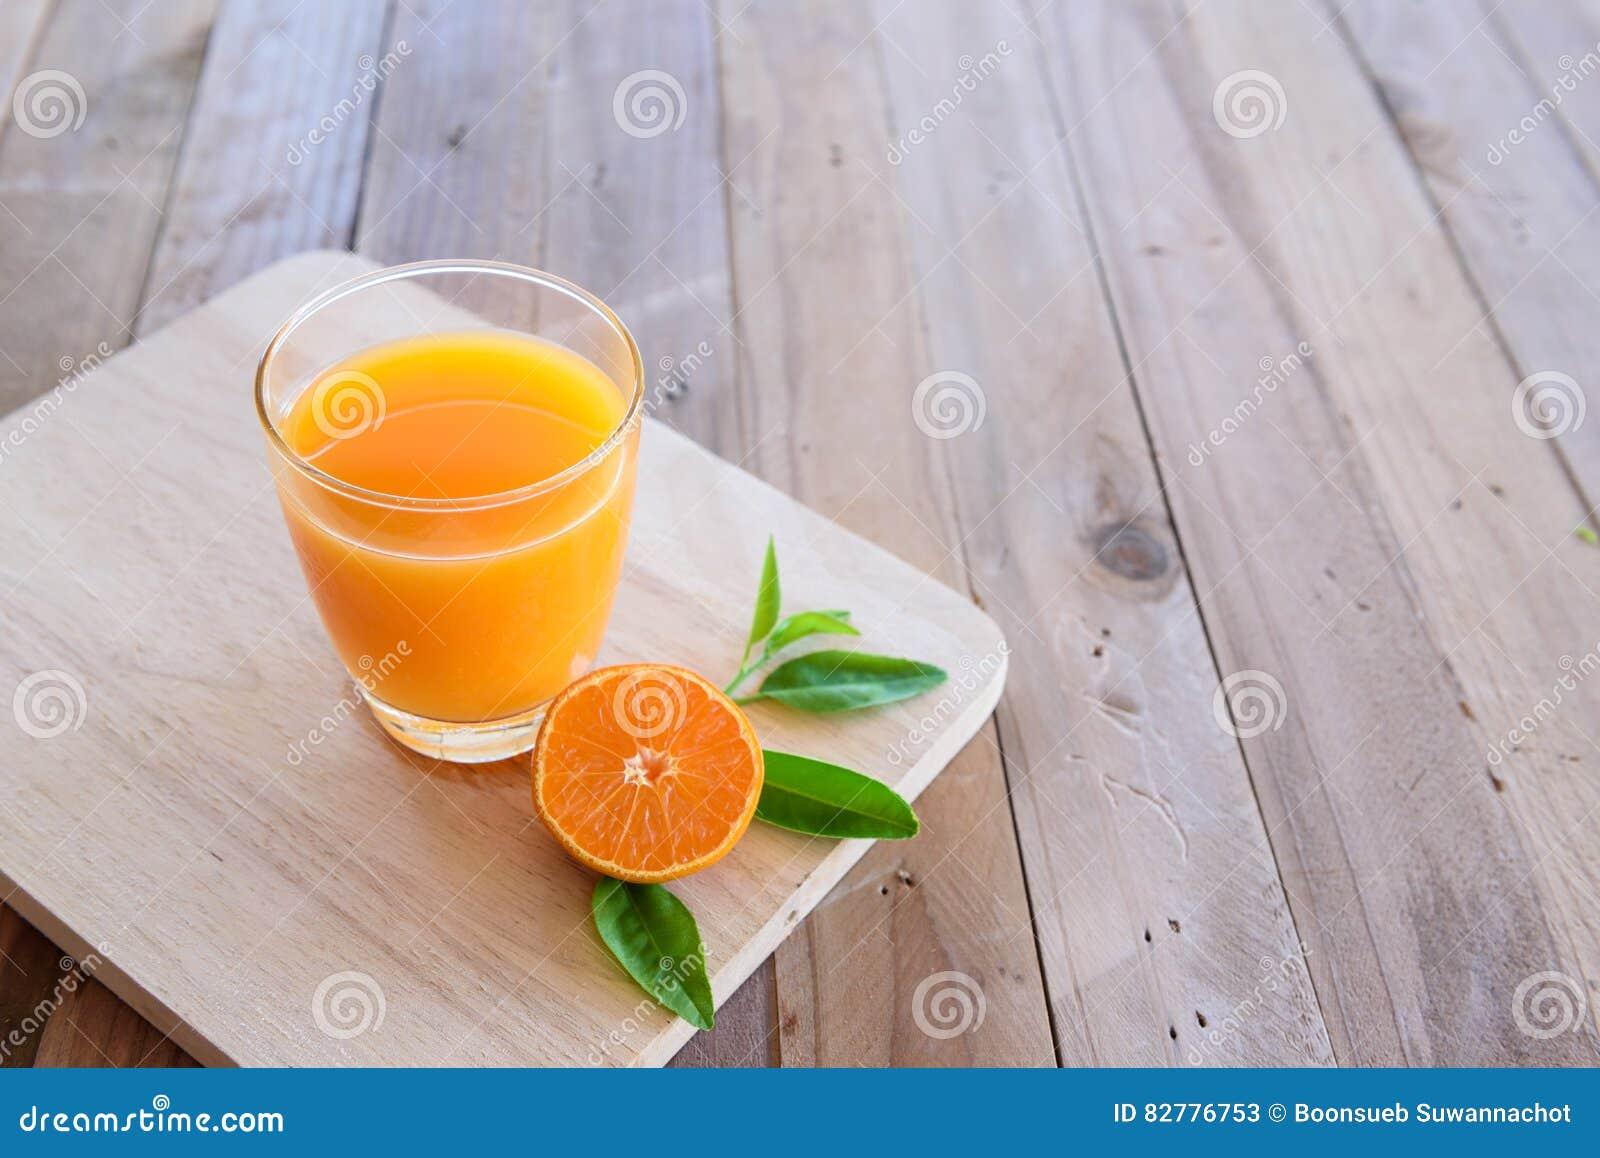 Χυμός από πορτοκάλι στο ξύλινο υπόβαθρο